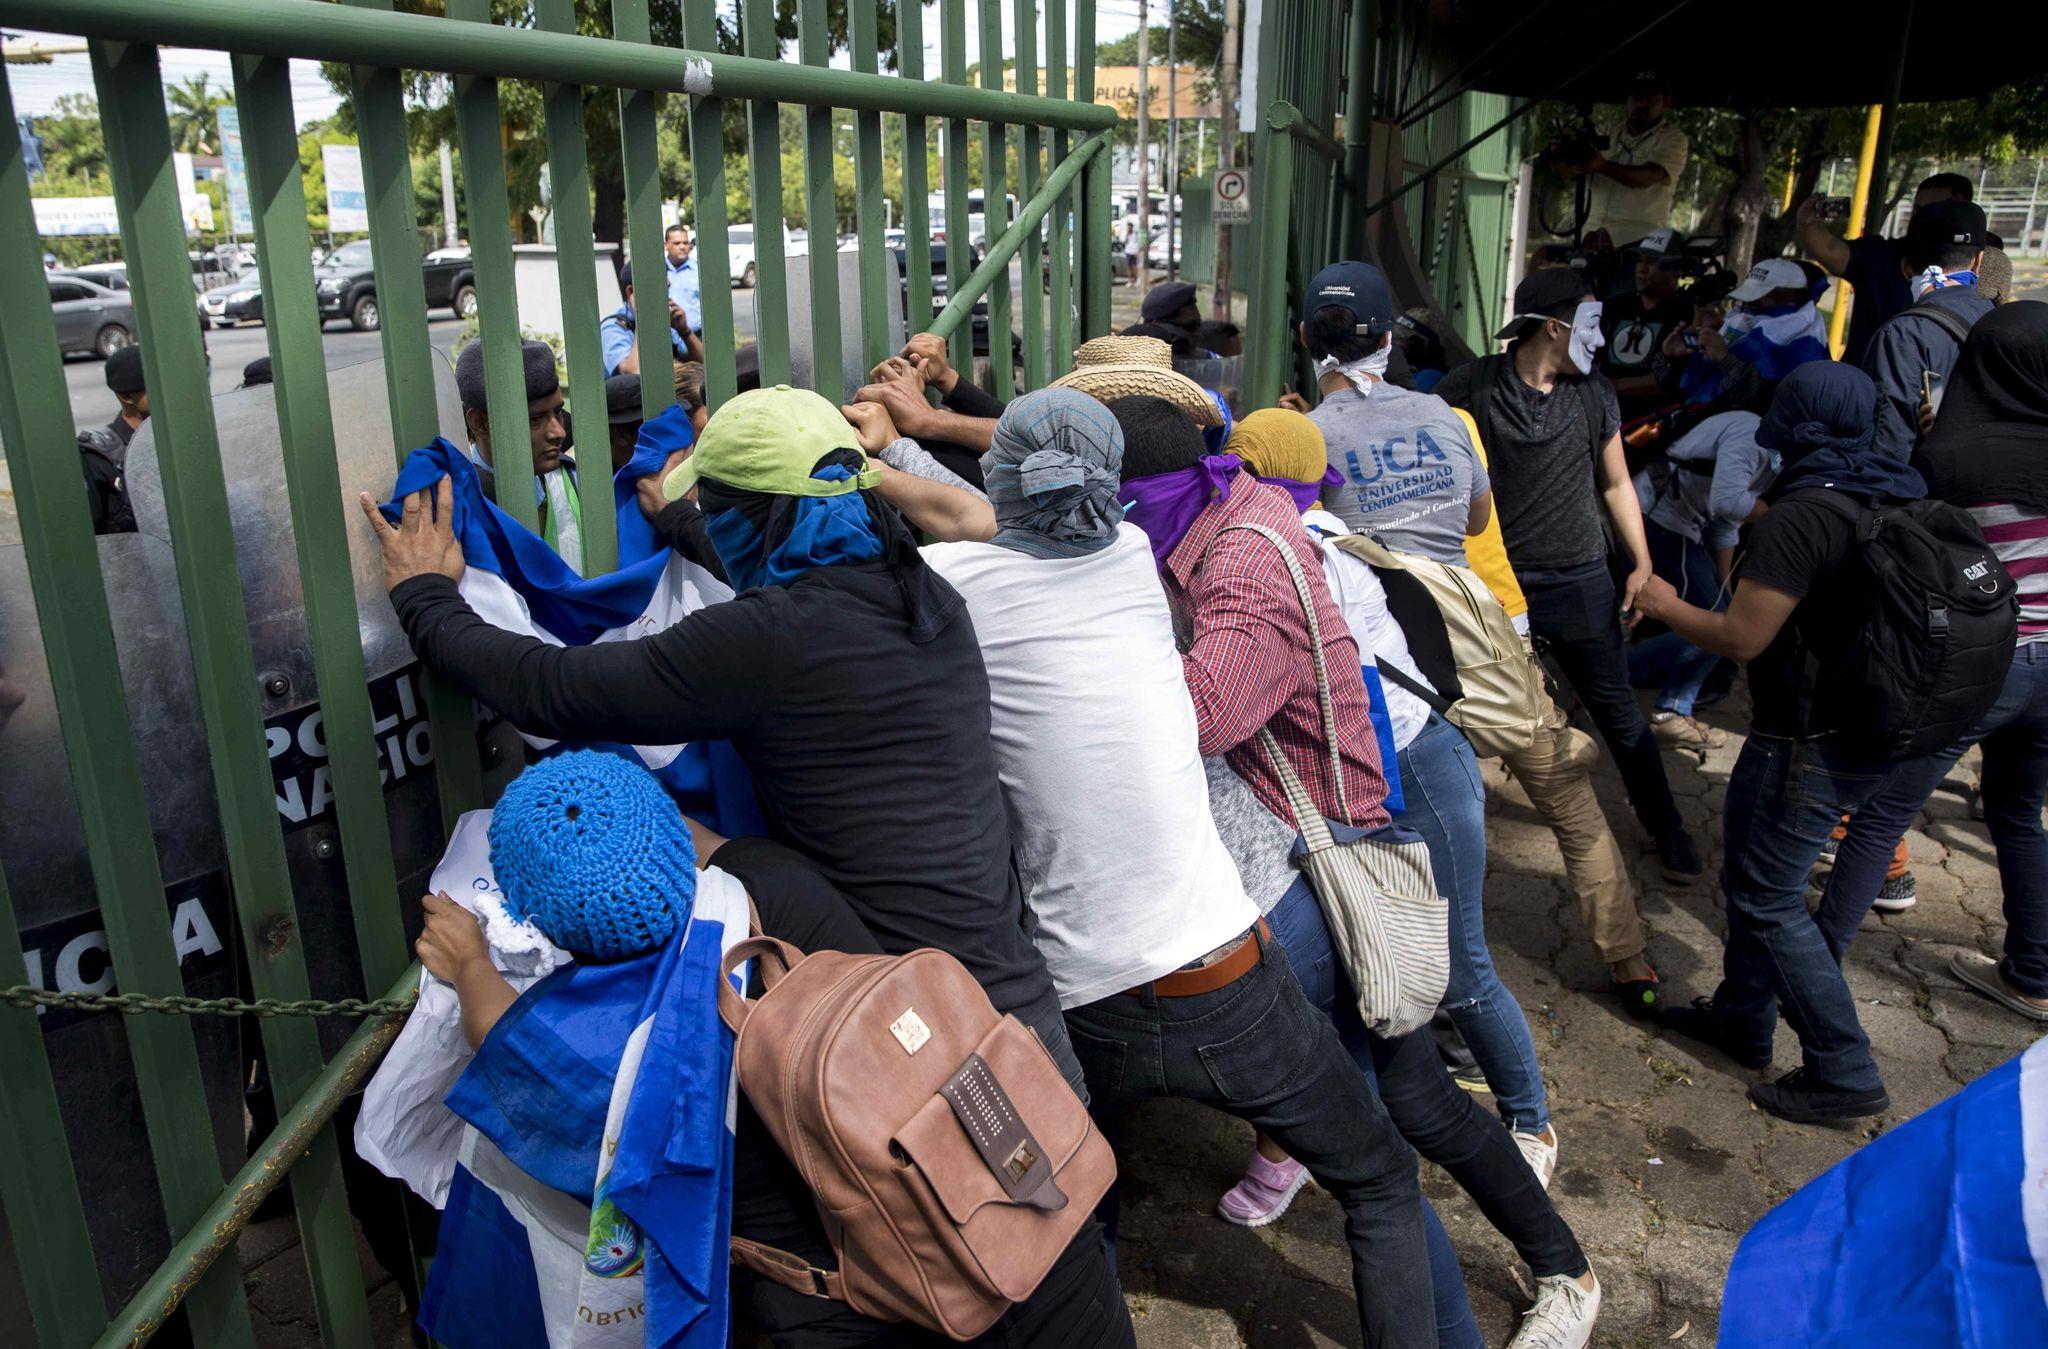 -FOTODELDIA- AME7252. <HIT>MANAGUA</HIT> (NICARAGUA), 19/11/2019. -...